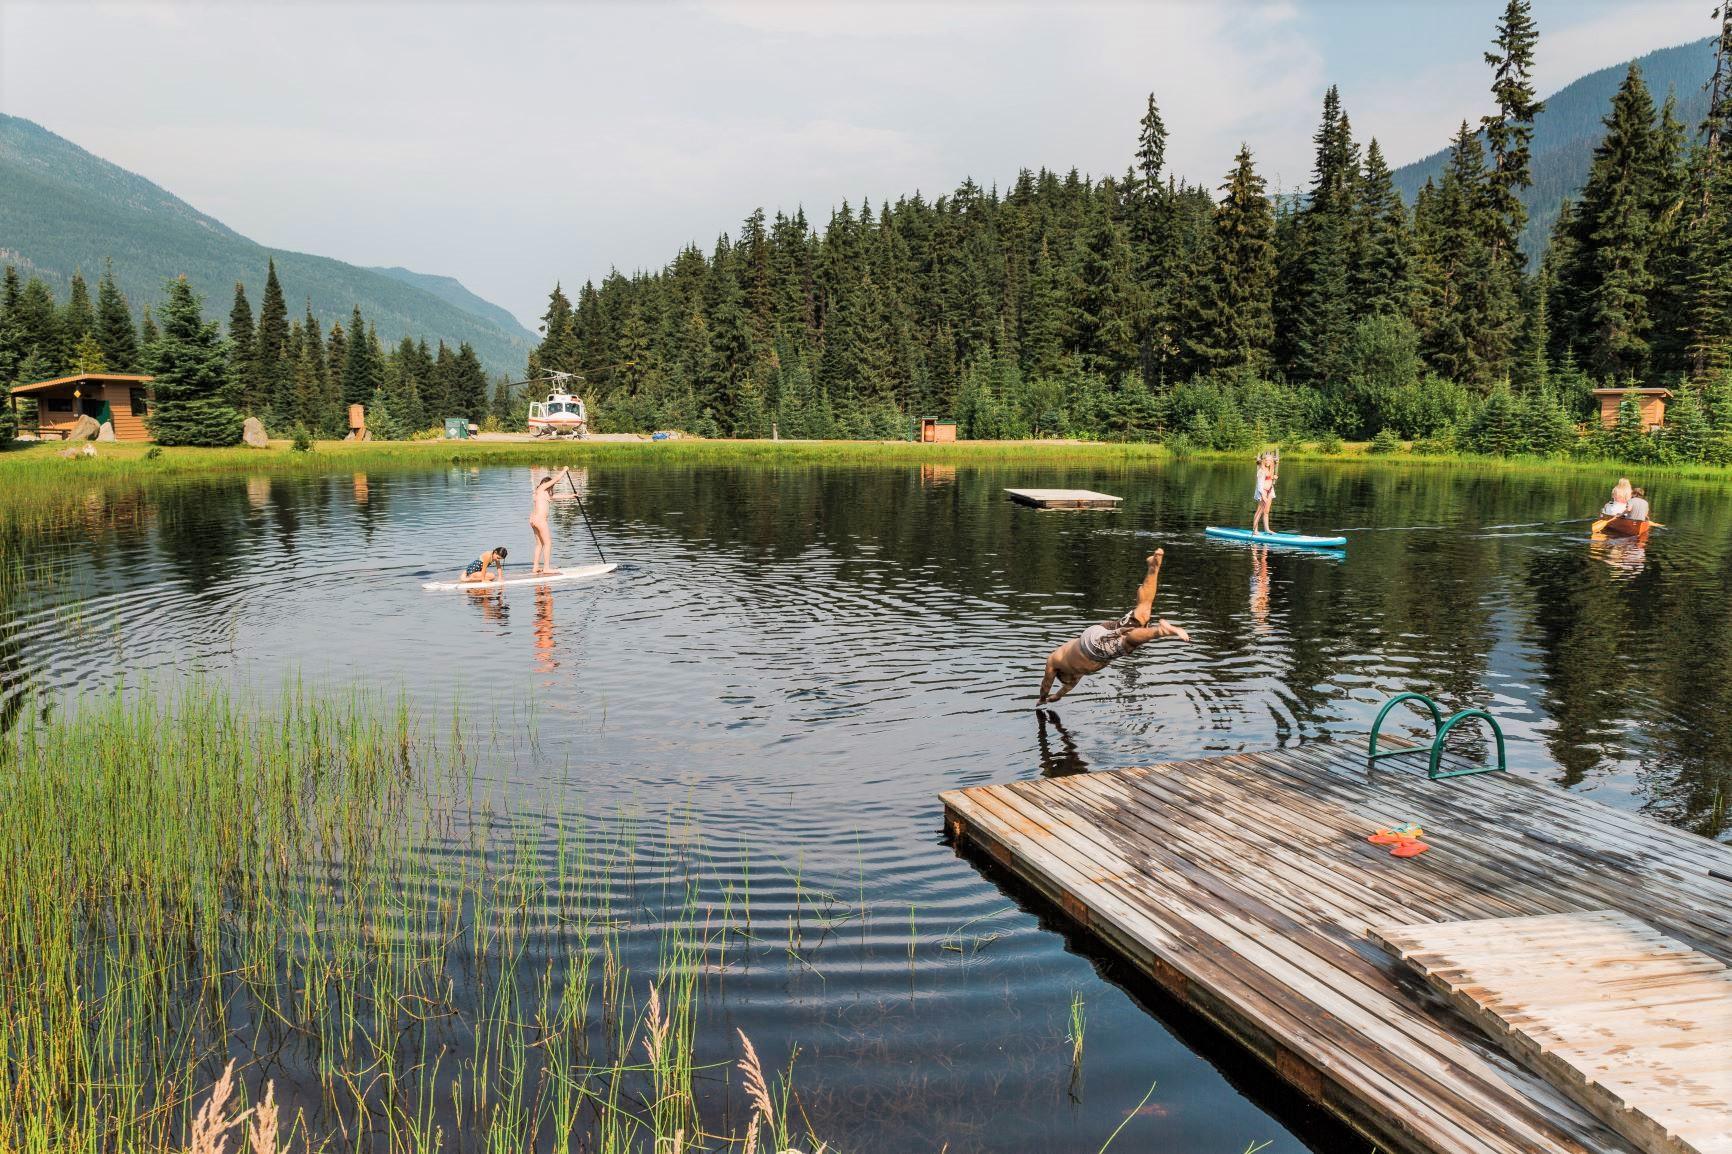 ロッジ前の湖で水遊び ©CMH Cariboos_JesseTamayo